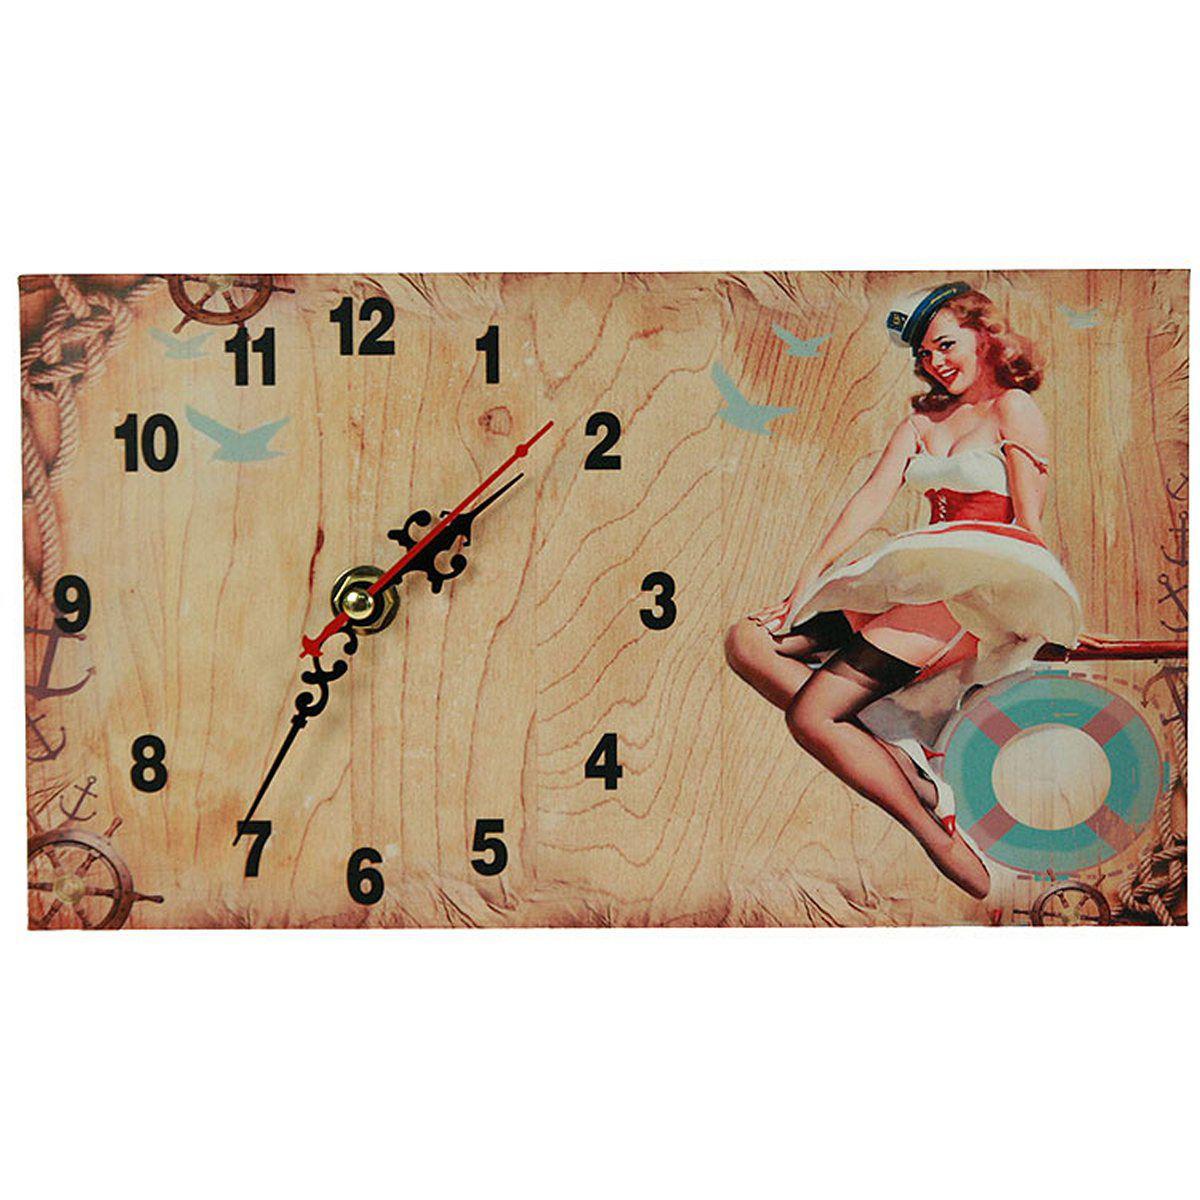 Часы настольные Русские Подарки Пин-ап, 13 х 23 см. 3823394672Настольные кварцевые часы Русские Подарки Пин-ап изготовлены из МДФ. Изделие оригинально оформлено изображением девушки в стиле Пин-ап. Часы имеют три стрелки - часовую, минутную и секундную.Такие часы украсят интерьер дома или рабочий стол в офисе. Также часы могут стать уникальным, полезным подарком для родственников, коллег, знакомых и близких.Часы работают от батареек типа АА (в комплект не входят).